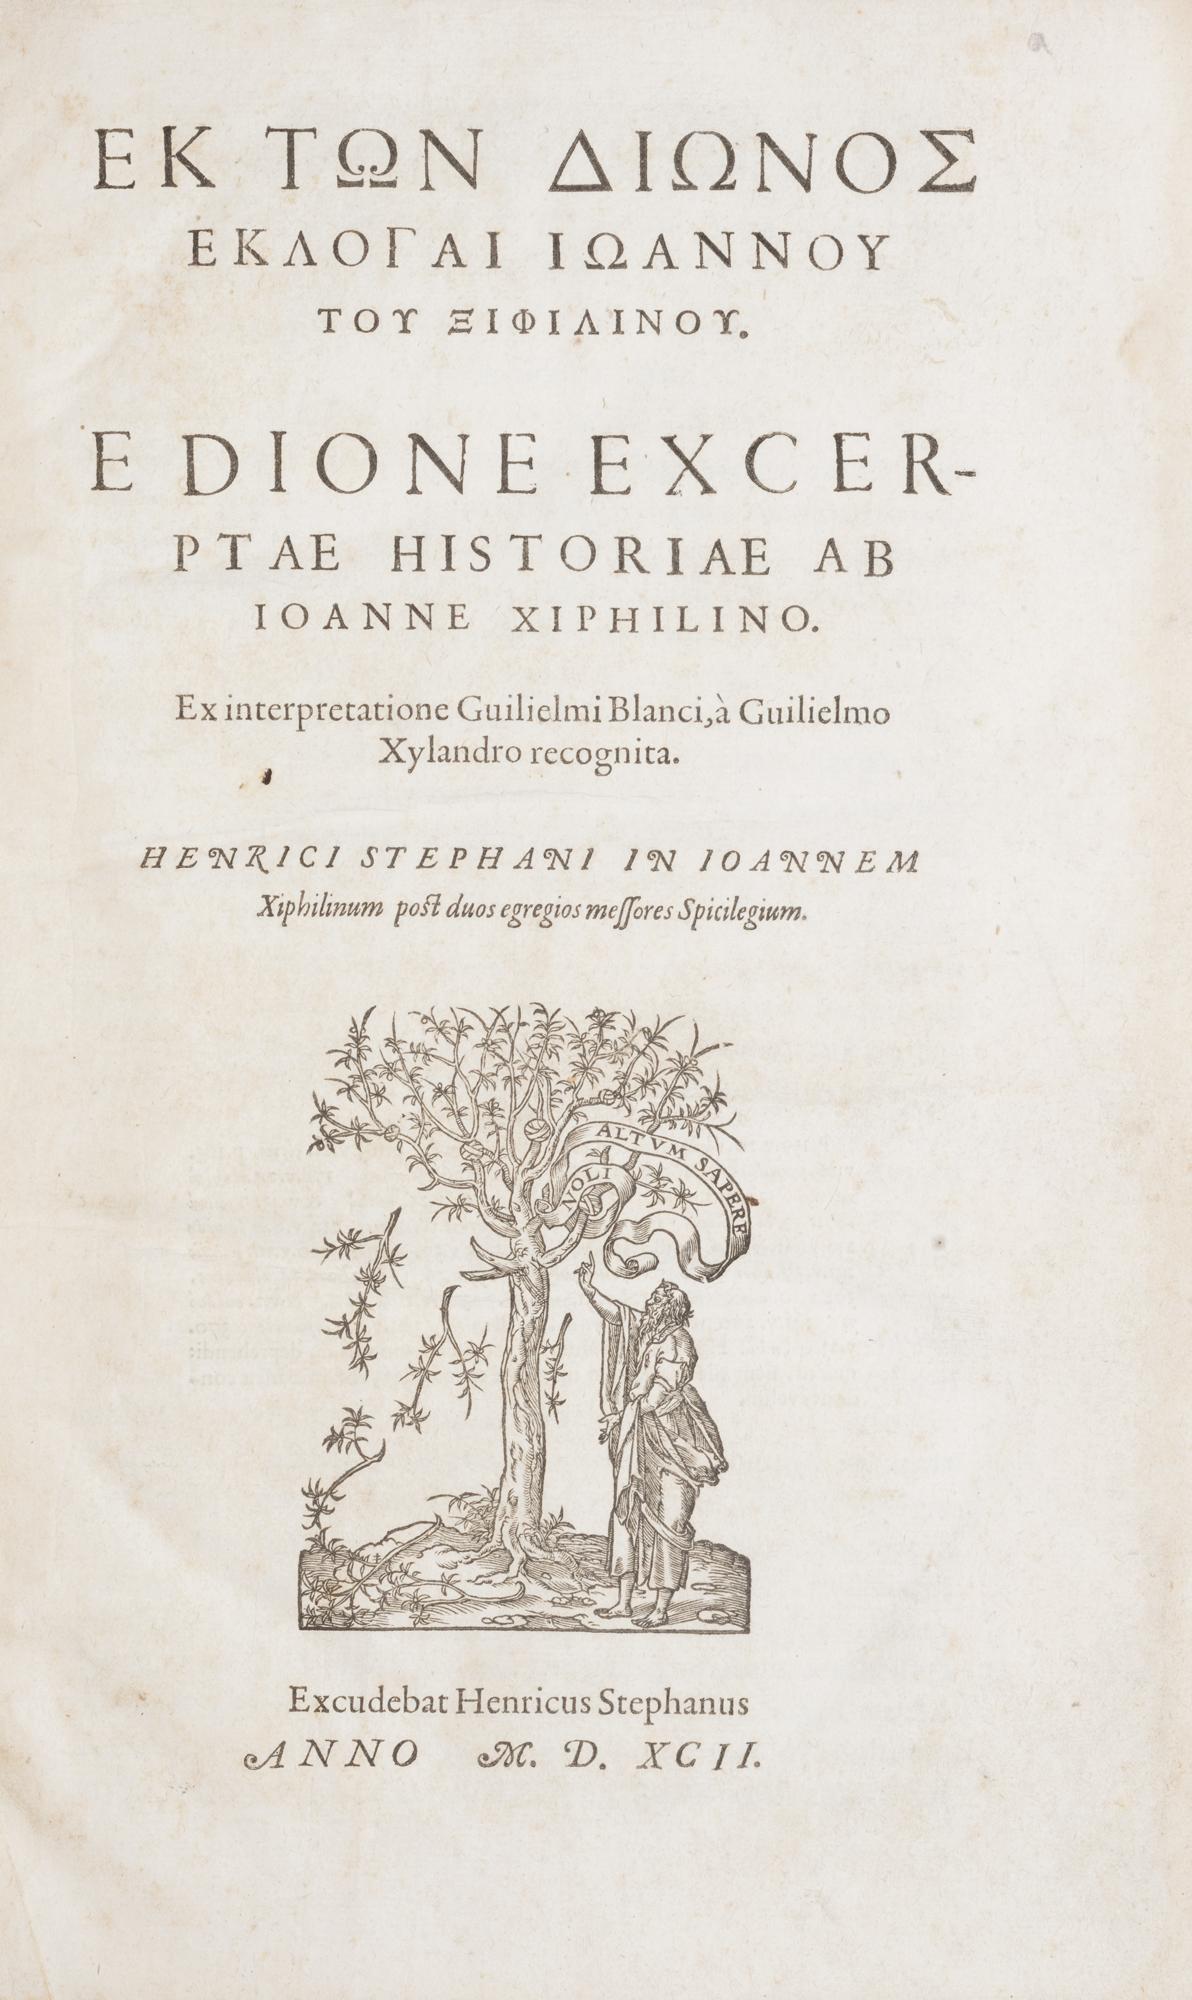 Ek ton Dionos eklogai Ioannou tou Xiphilinou. E Dione excerptae historiae ab Ioanne Xiphilino